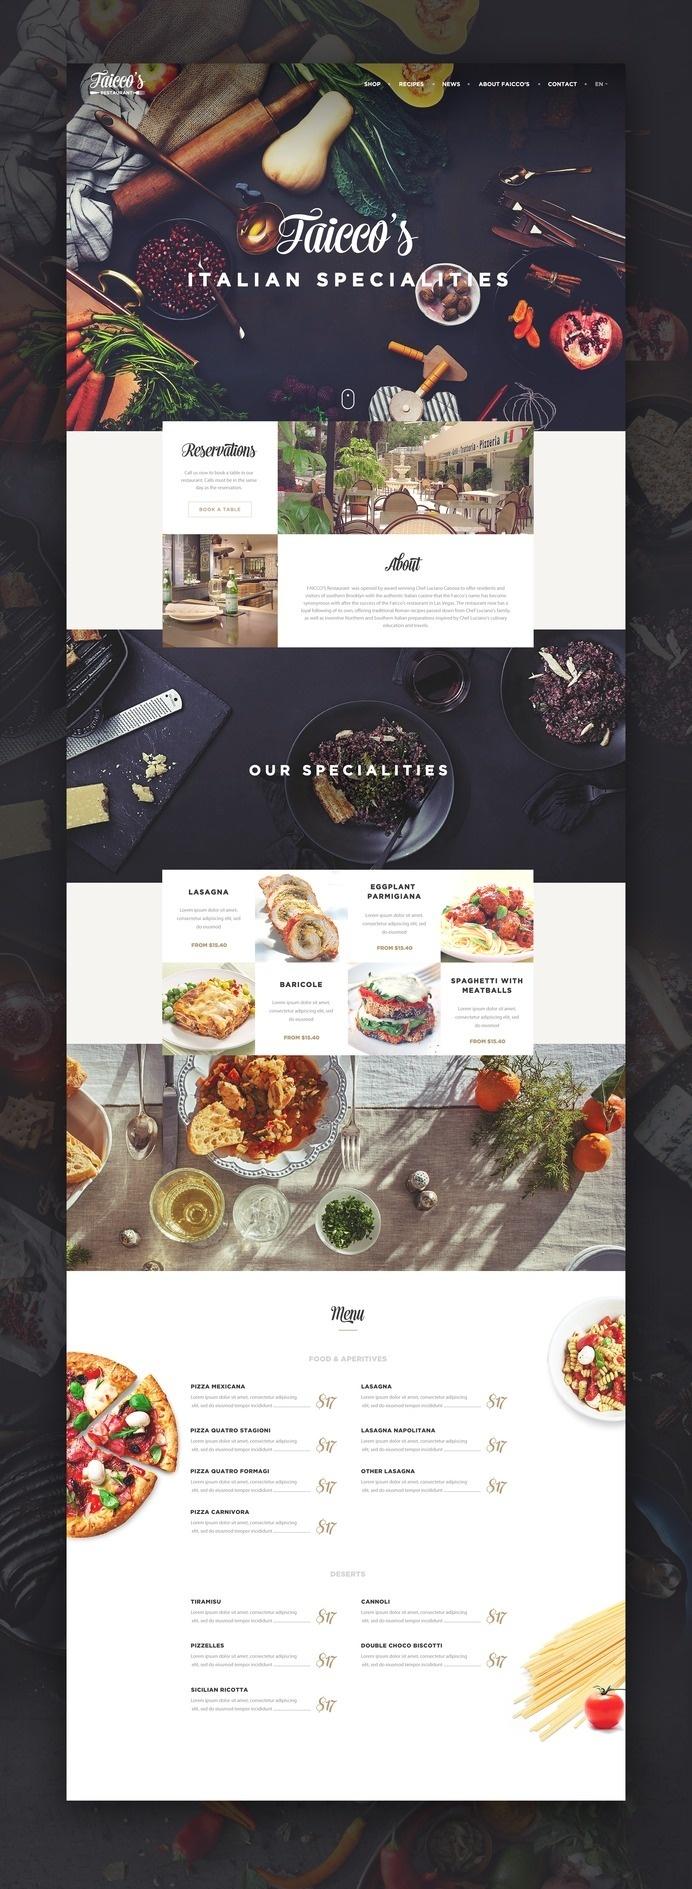 ui ux web design #food #restaurant #website #webdesign #web